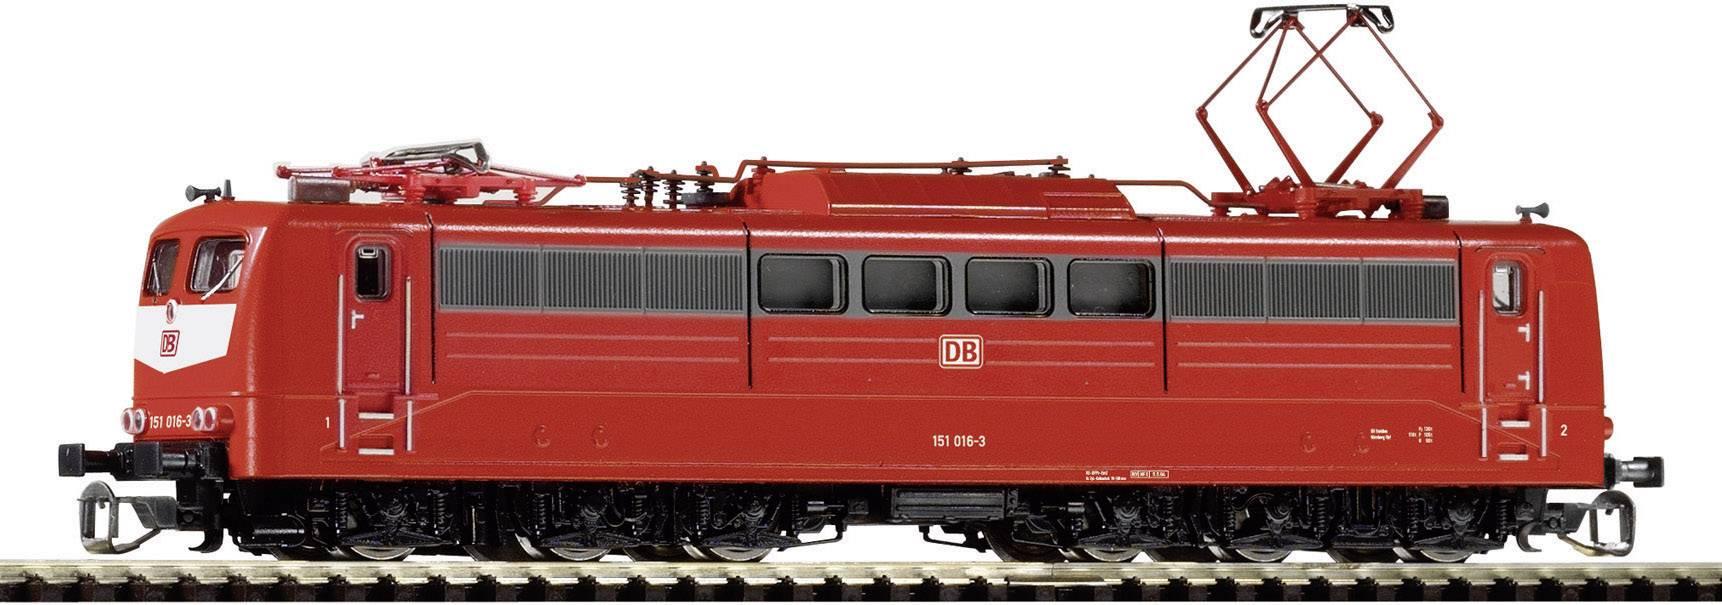 TT lokomotivy a vlakové soupravy